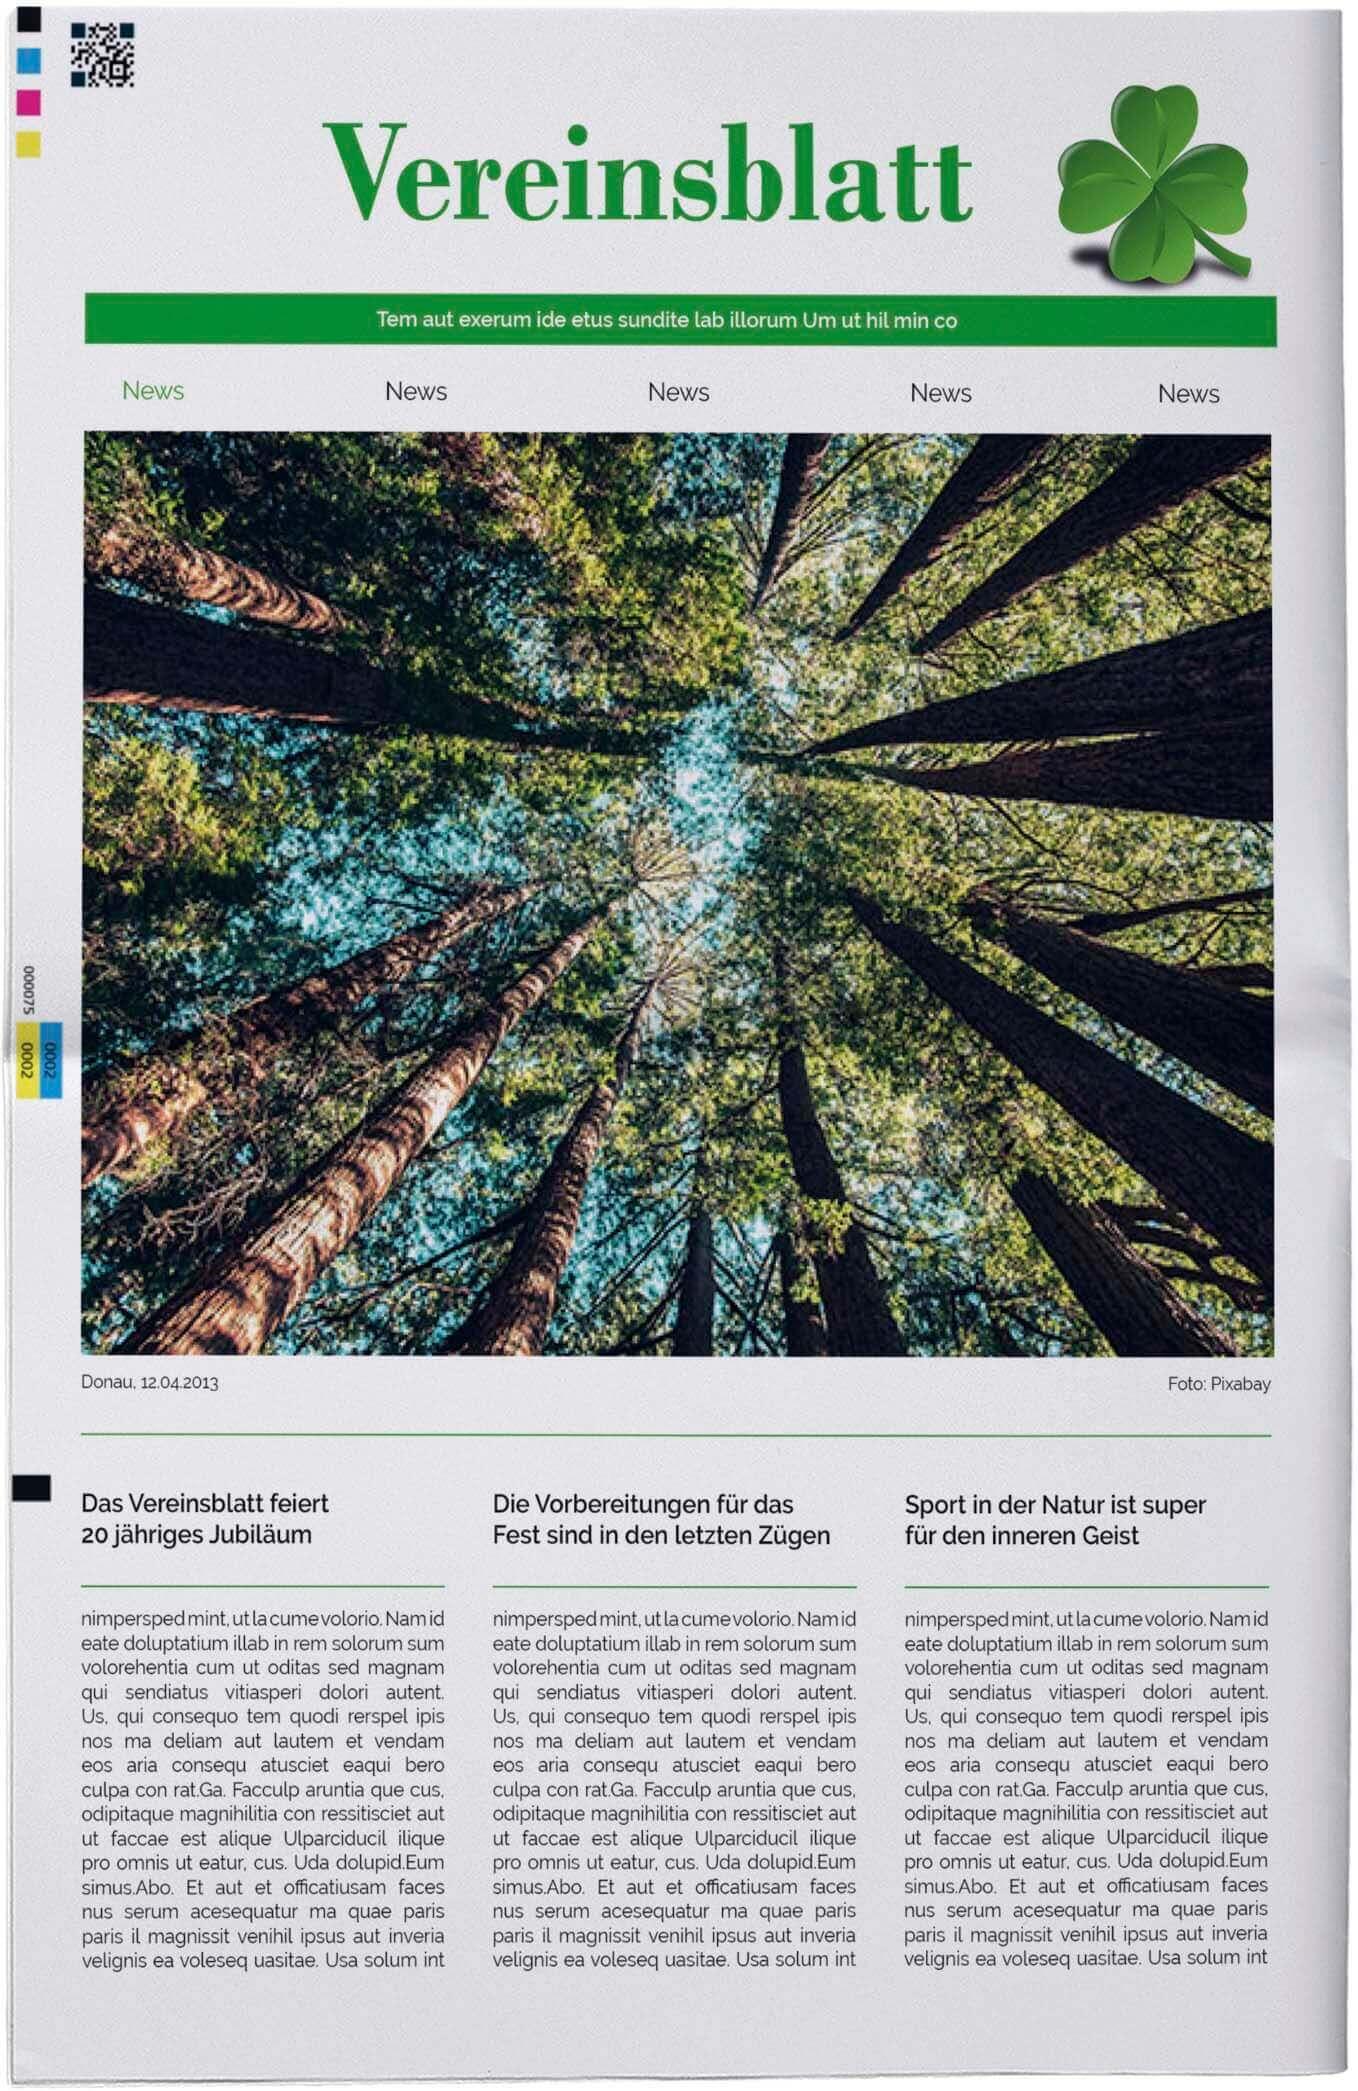 Vorlage für die Titelseite einer Vereinszeitung